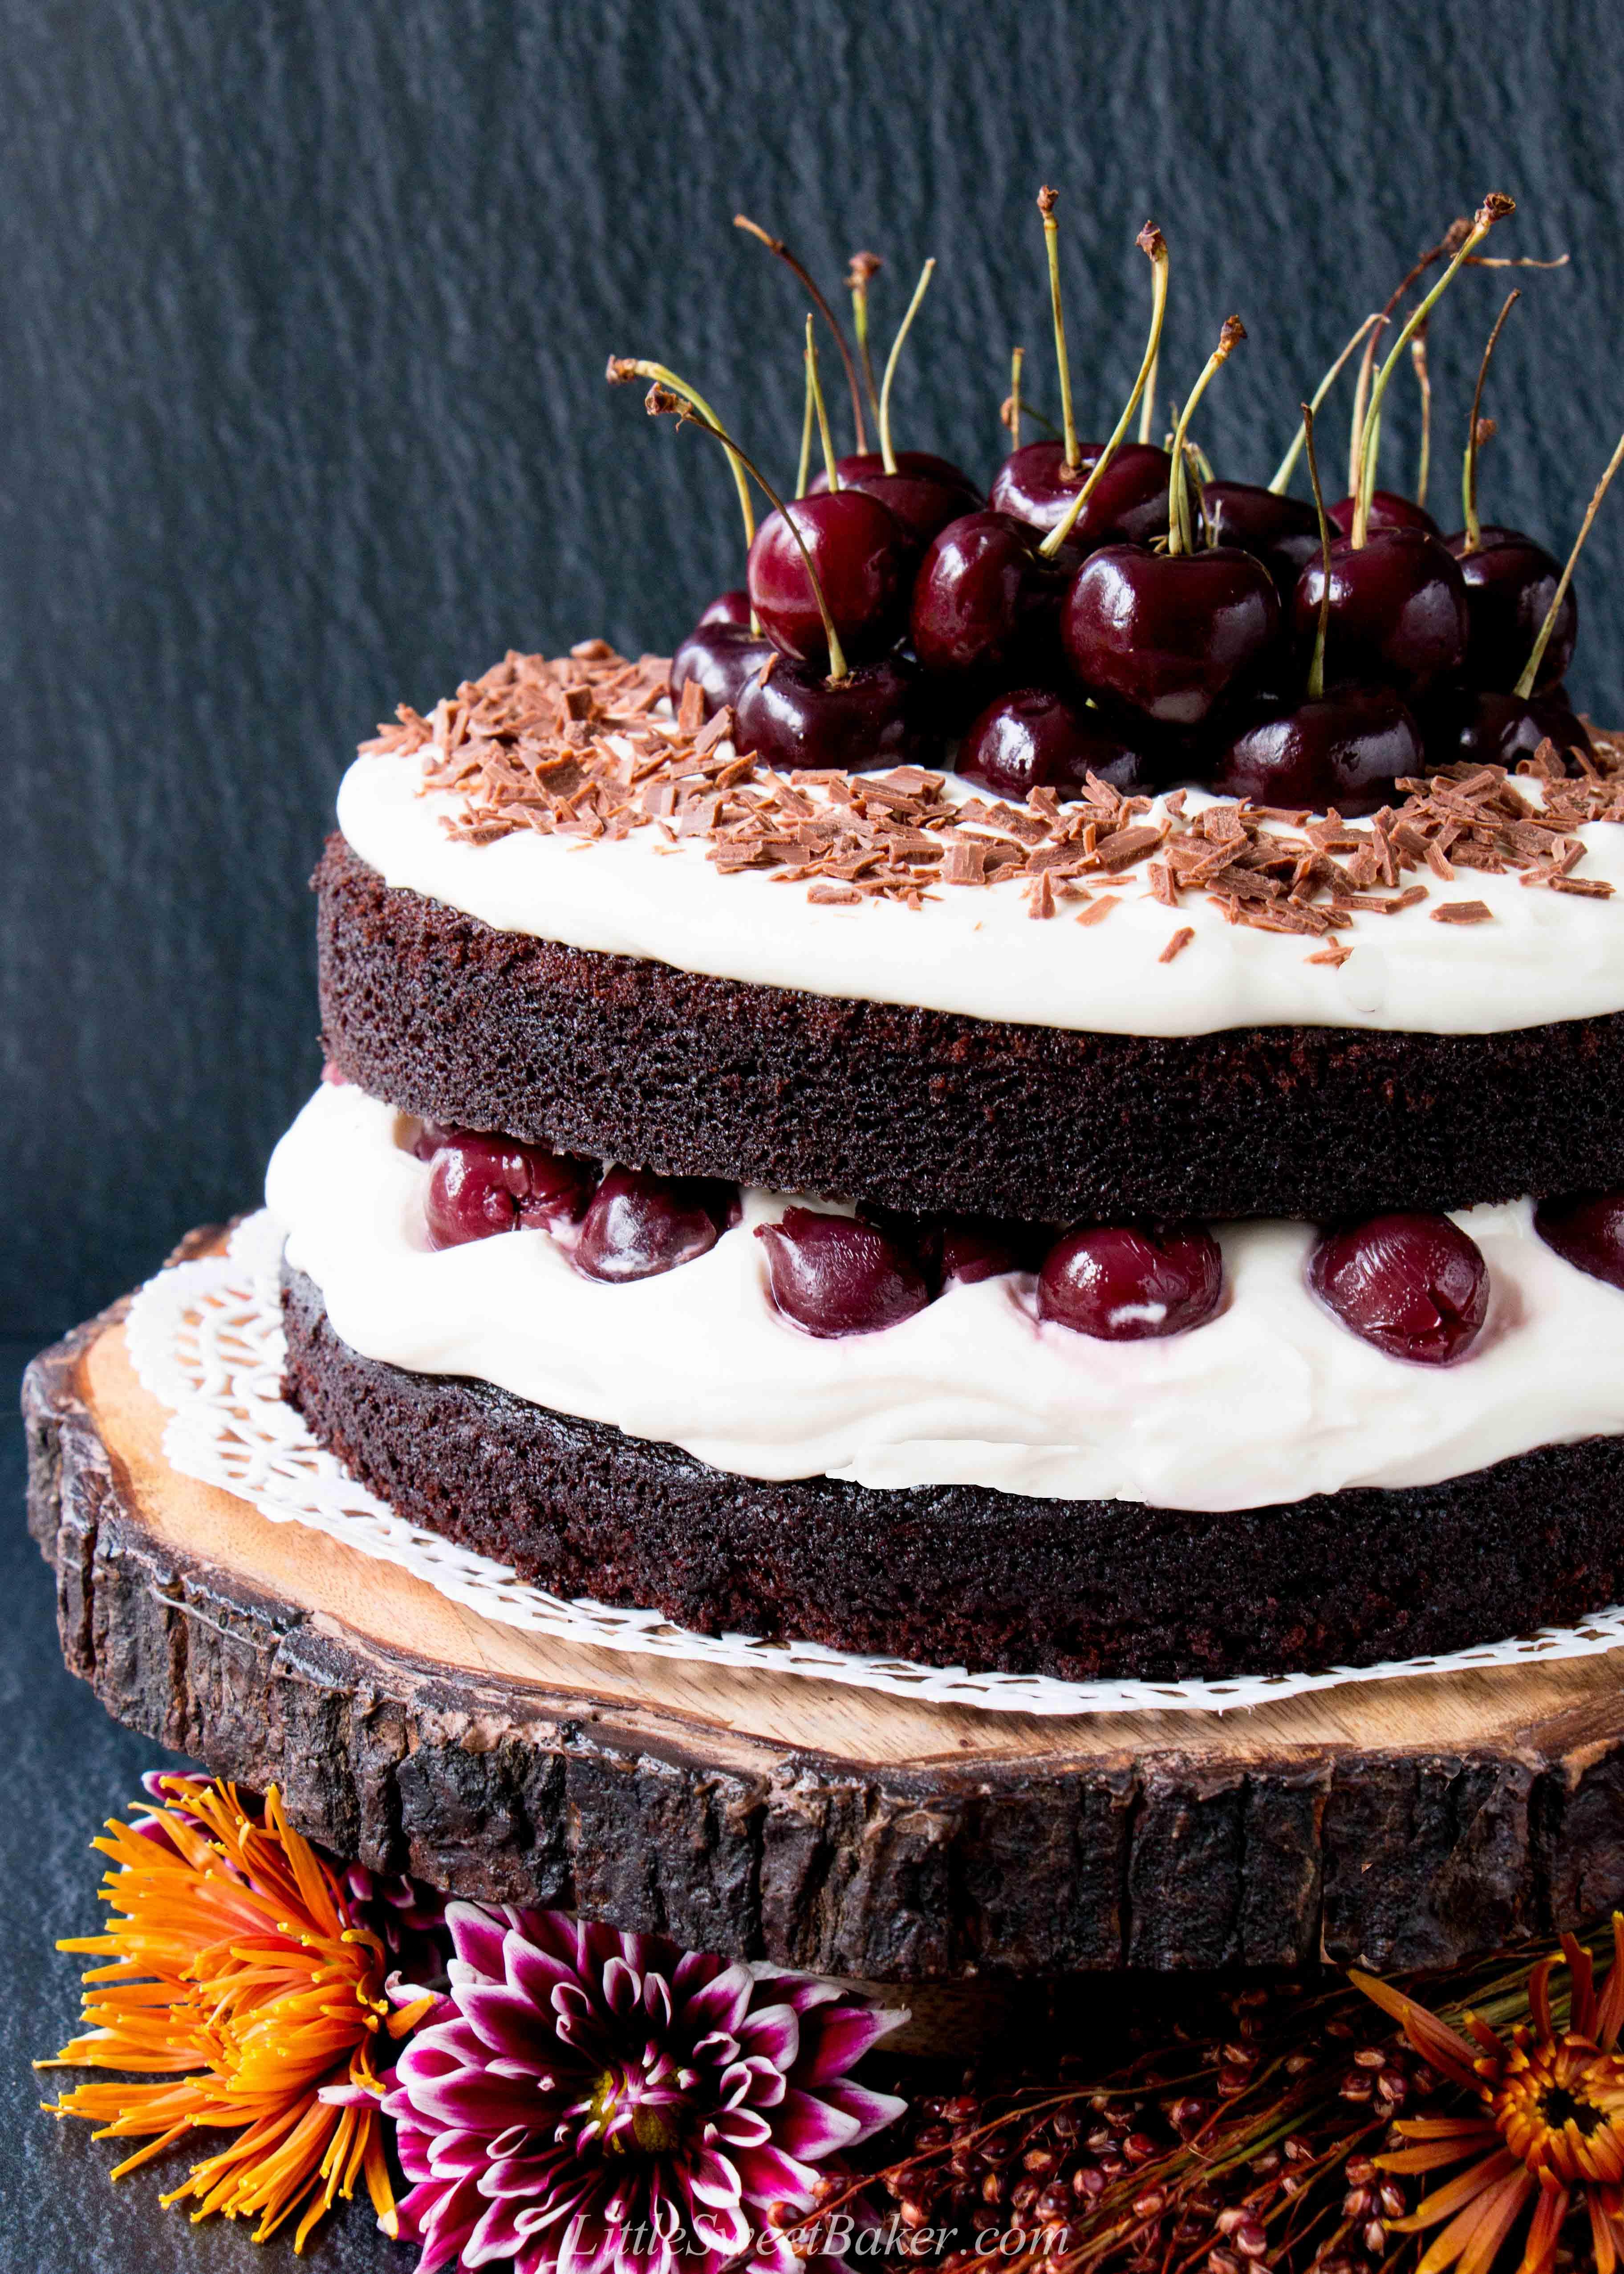 Homemade Black Forest Cake Little Sweet Baker